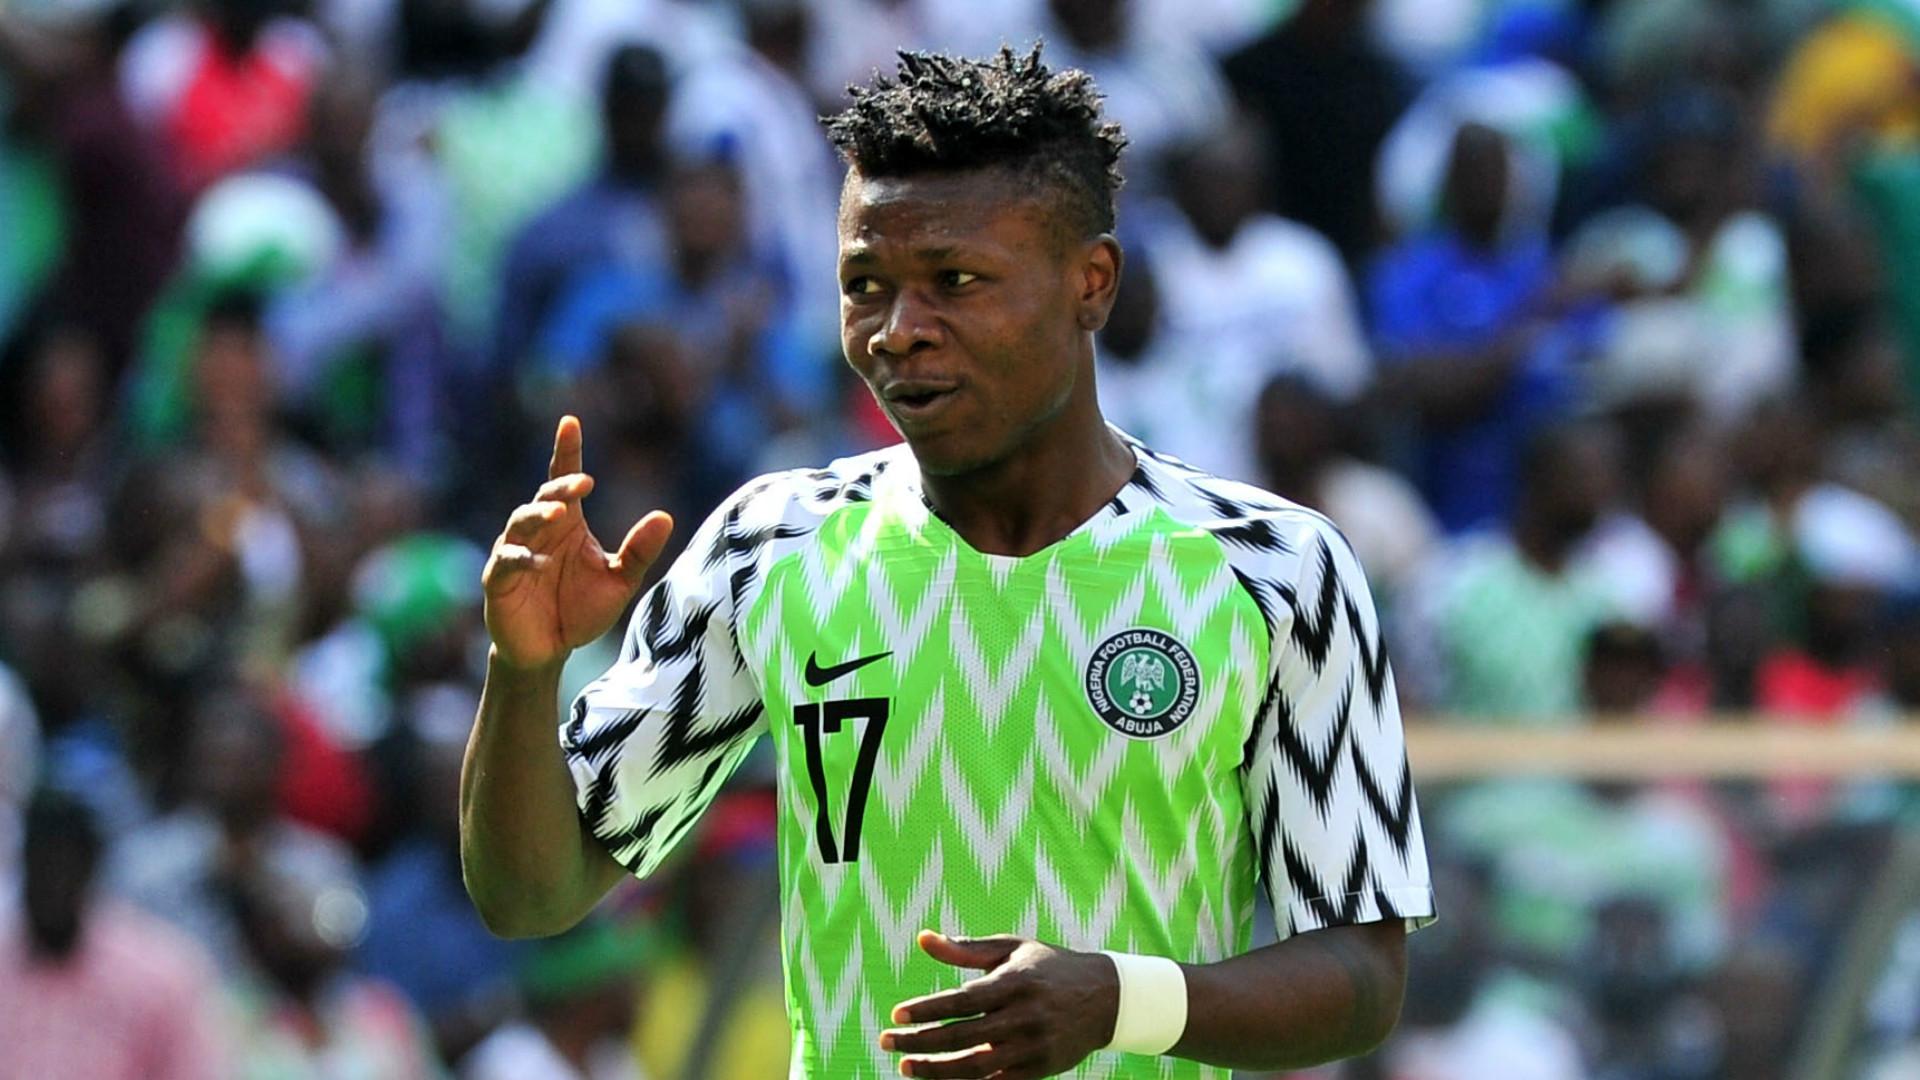 Super Eagles' Samuel Kalu Tests Positive For COVID-19